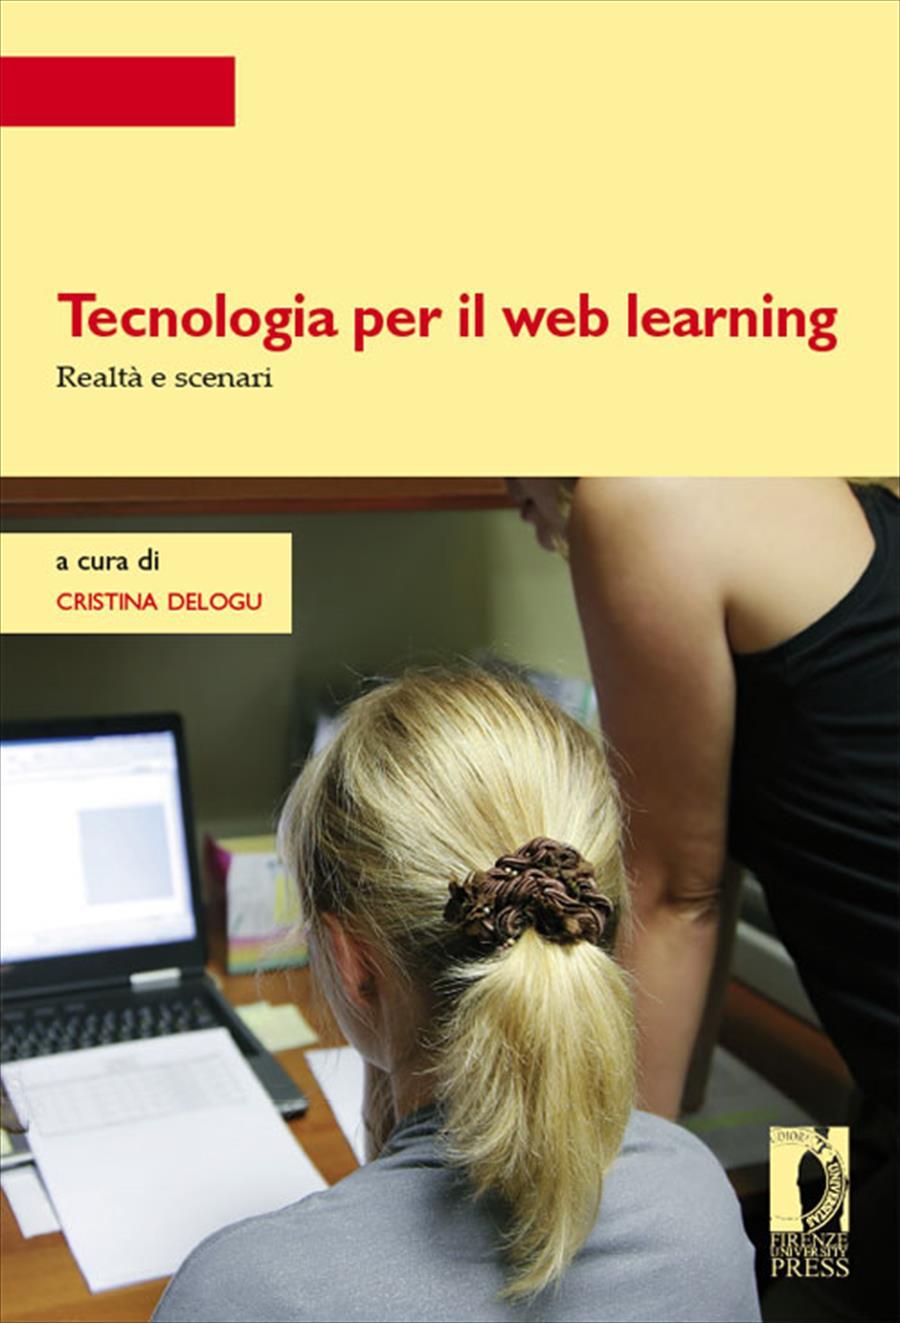 Tecnologia per il web learning